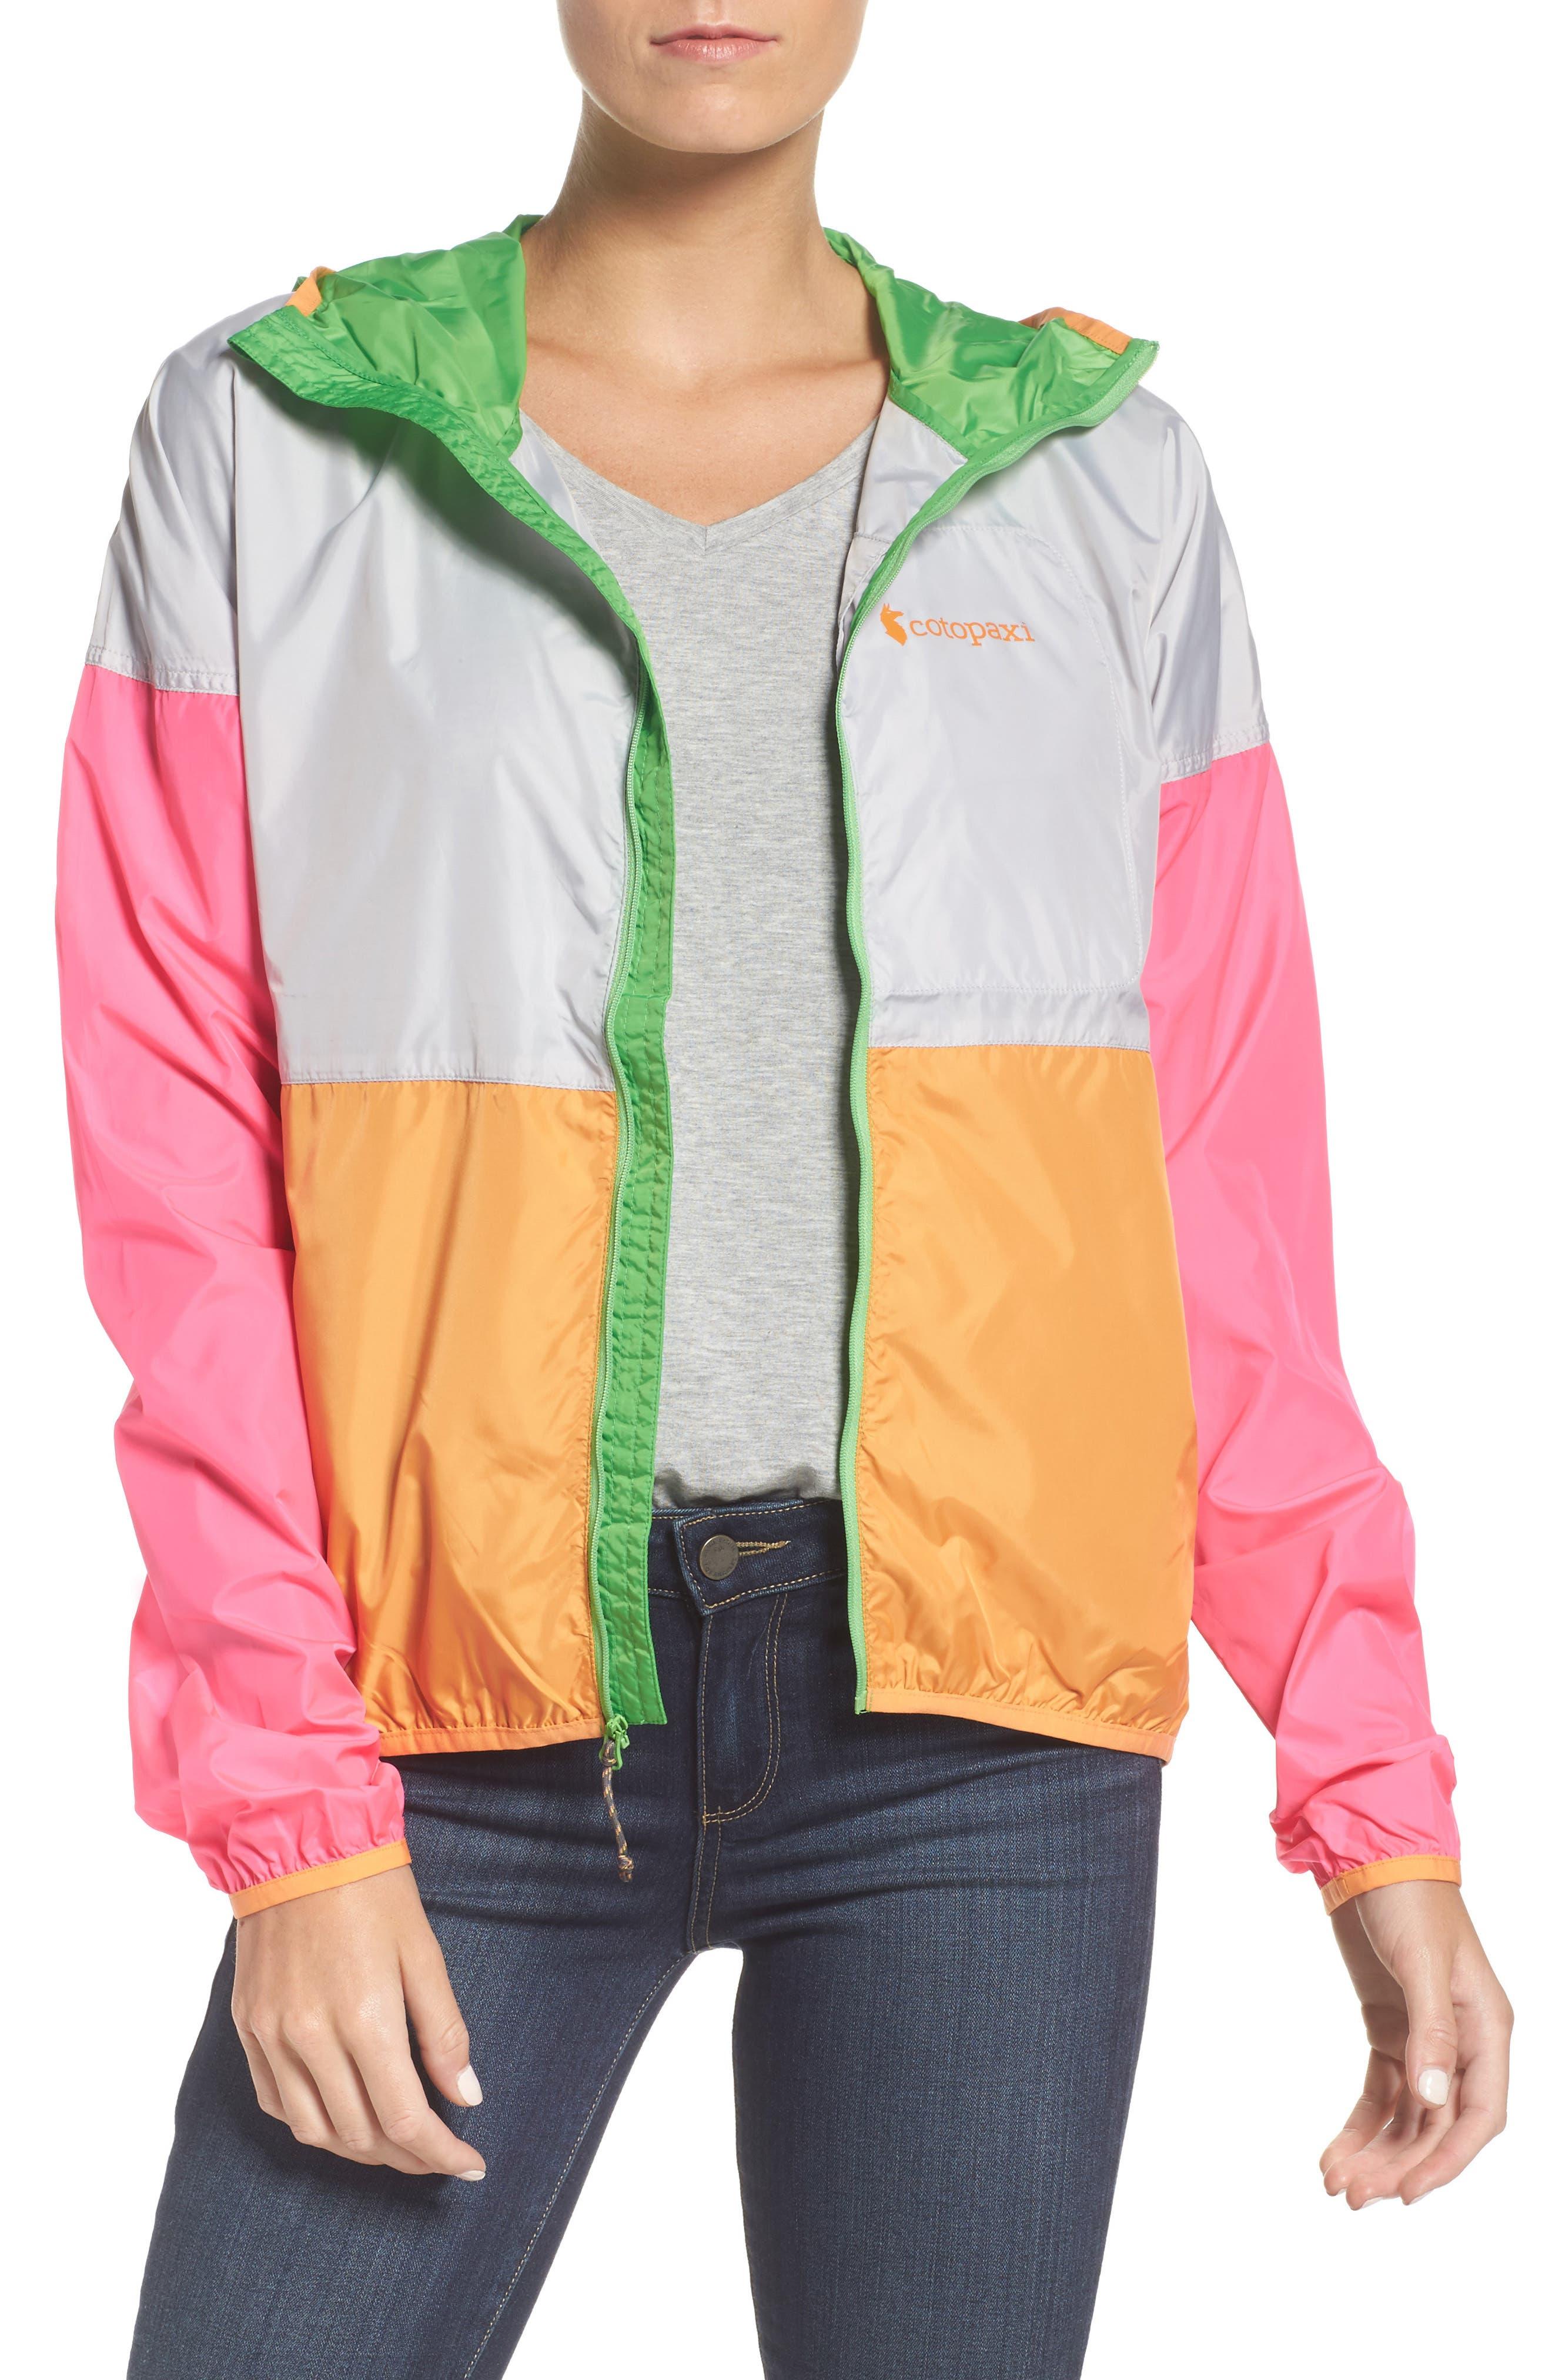 Alternate Image 1 Selected - Cotopaxi Teca Packable Water Resistant Windbreaker Jacket